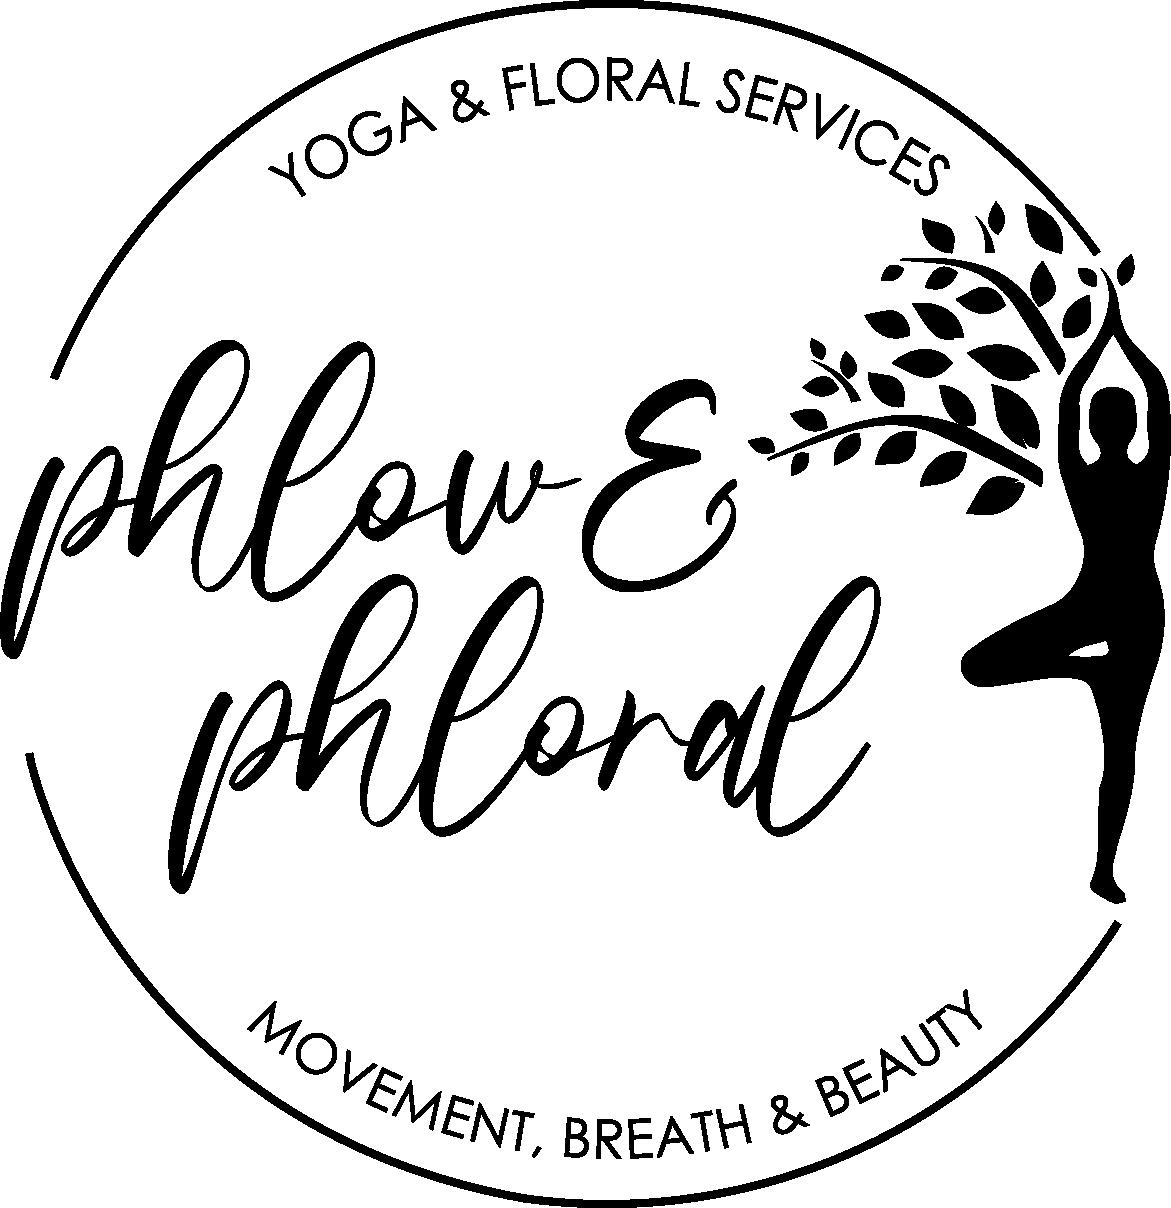 Phlow and Ploral logo